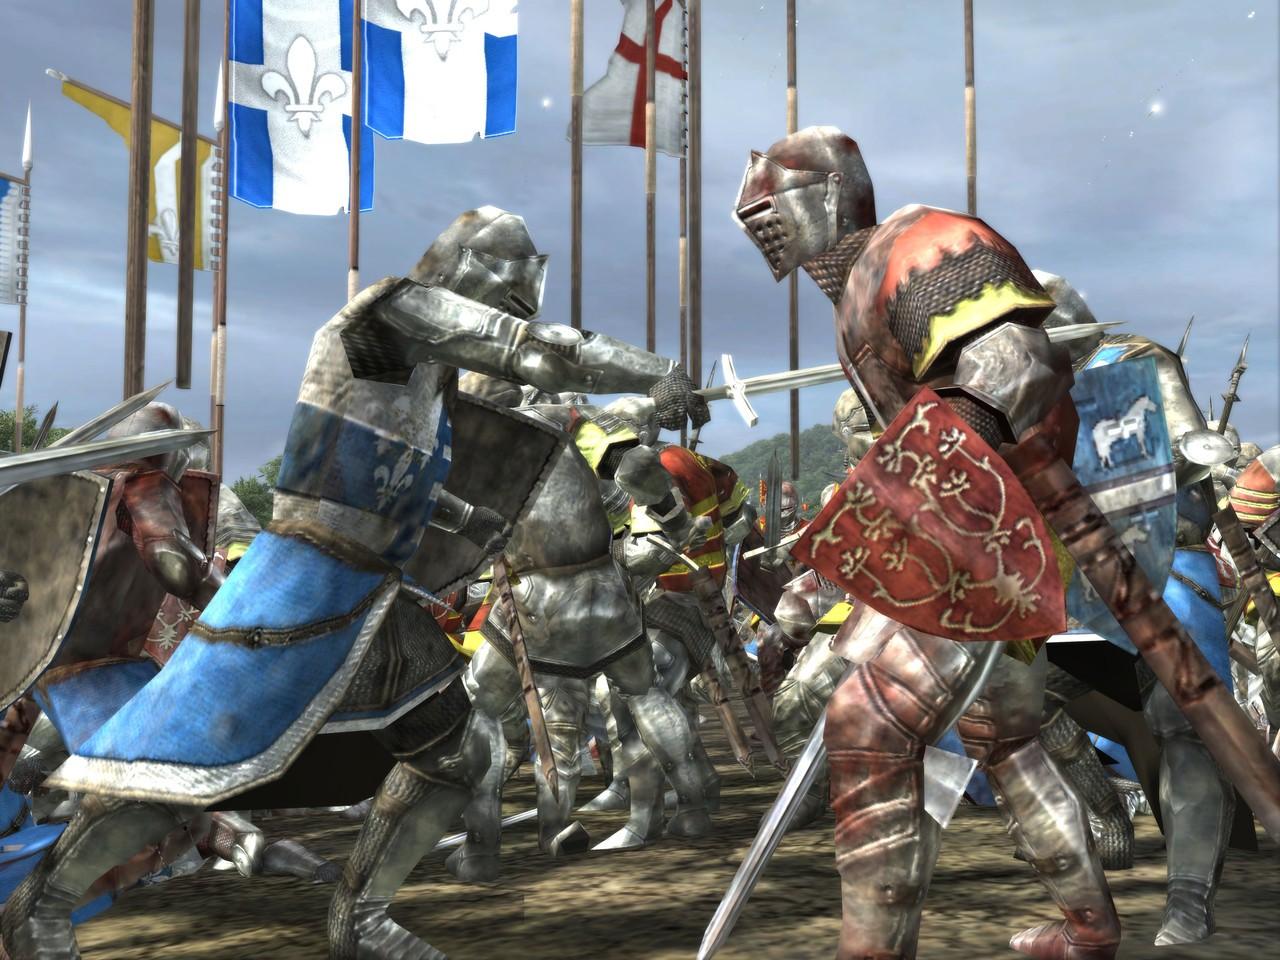 Обои «воин»), замок, доспех, мост, рацарь, осада, всадник, оружие, штурм. Разное foto 16